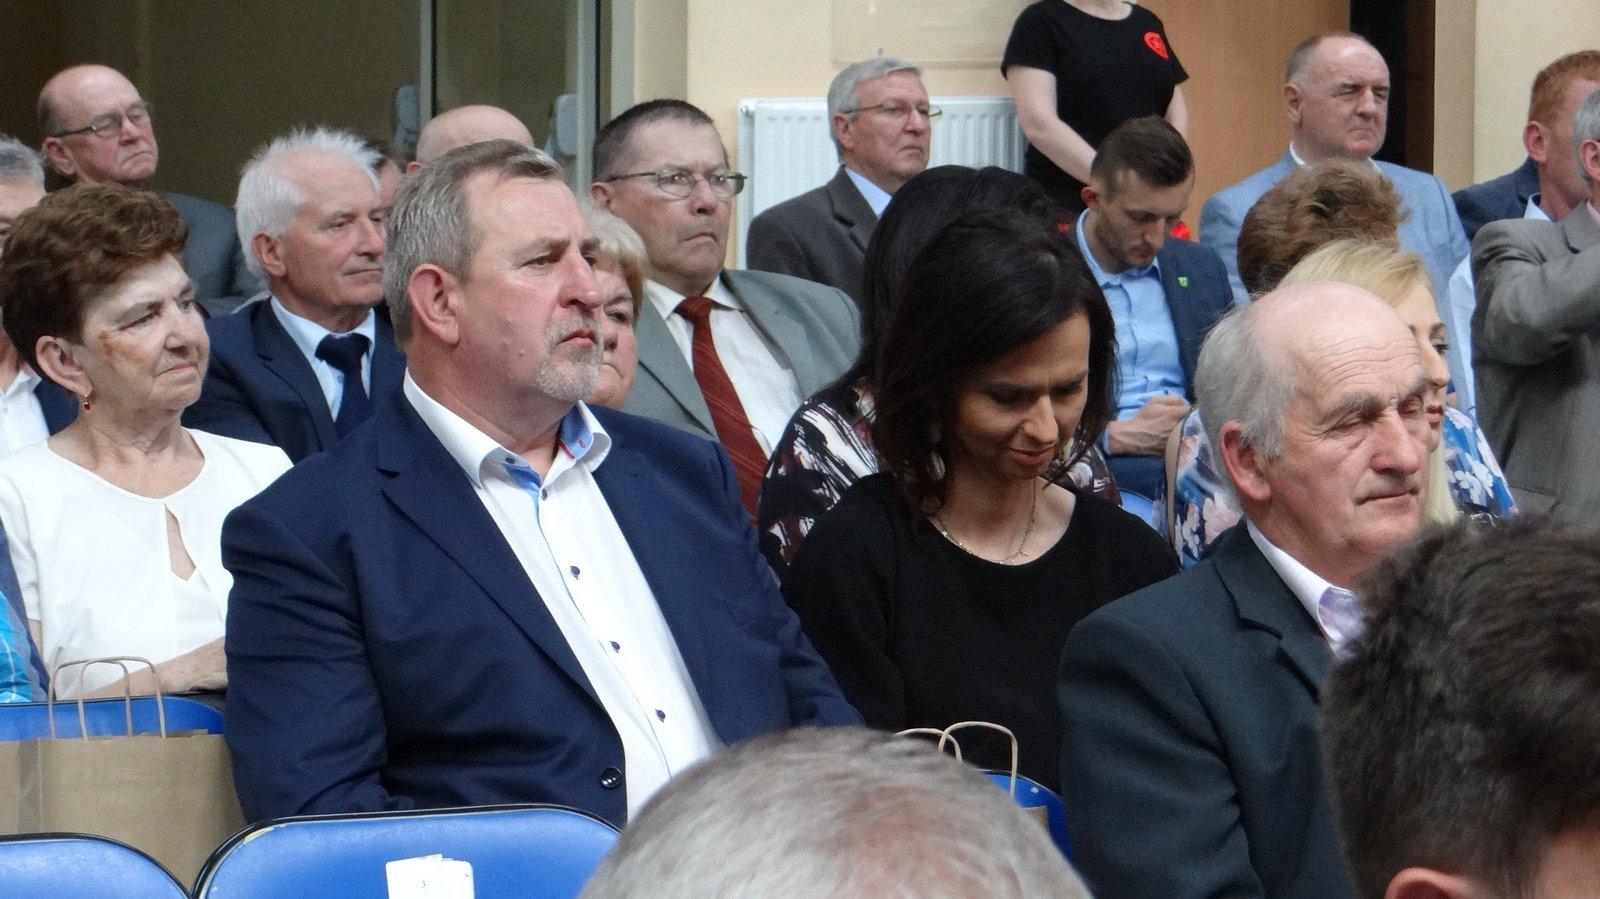 dsc09465 - Wielkopolska zaradność i pracowitość doceniona na Forum Wielkopolskiej Wsi Europejskiej